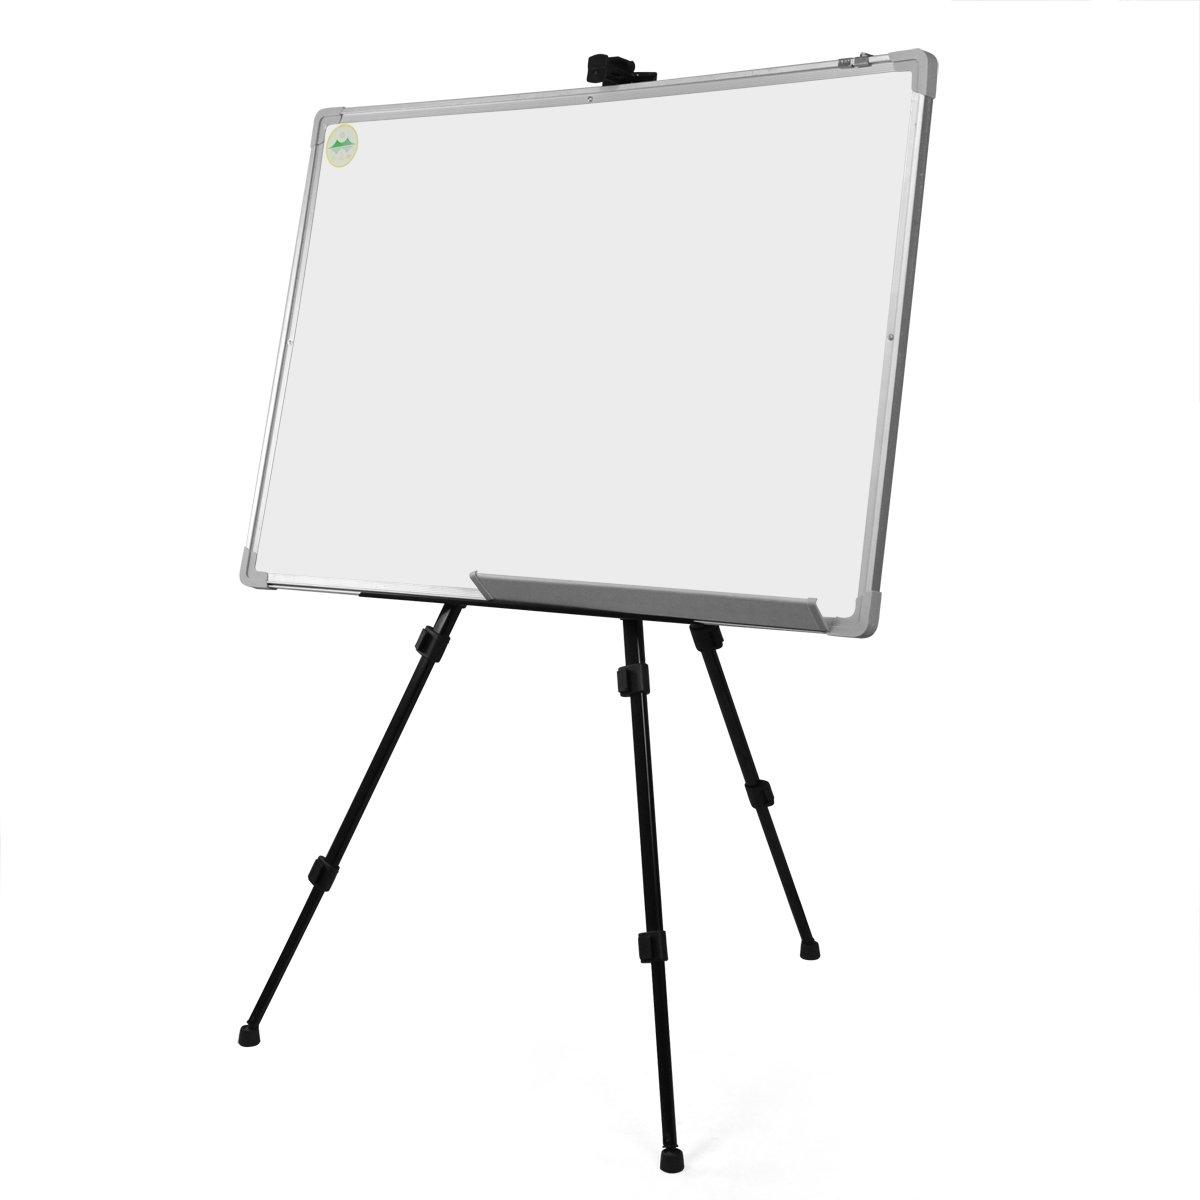 Accessotech/ /Artista Plegable telesc/ópico Campo Studio Pintura Caballete tr/ípode Pantalla Soporte con Funda